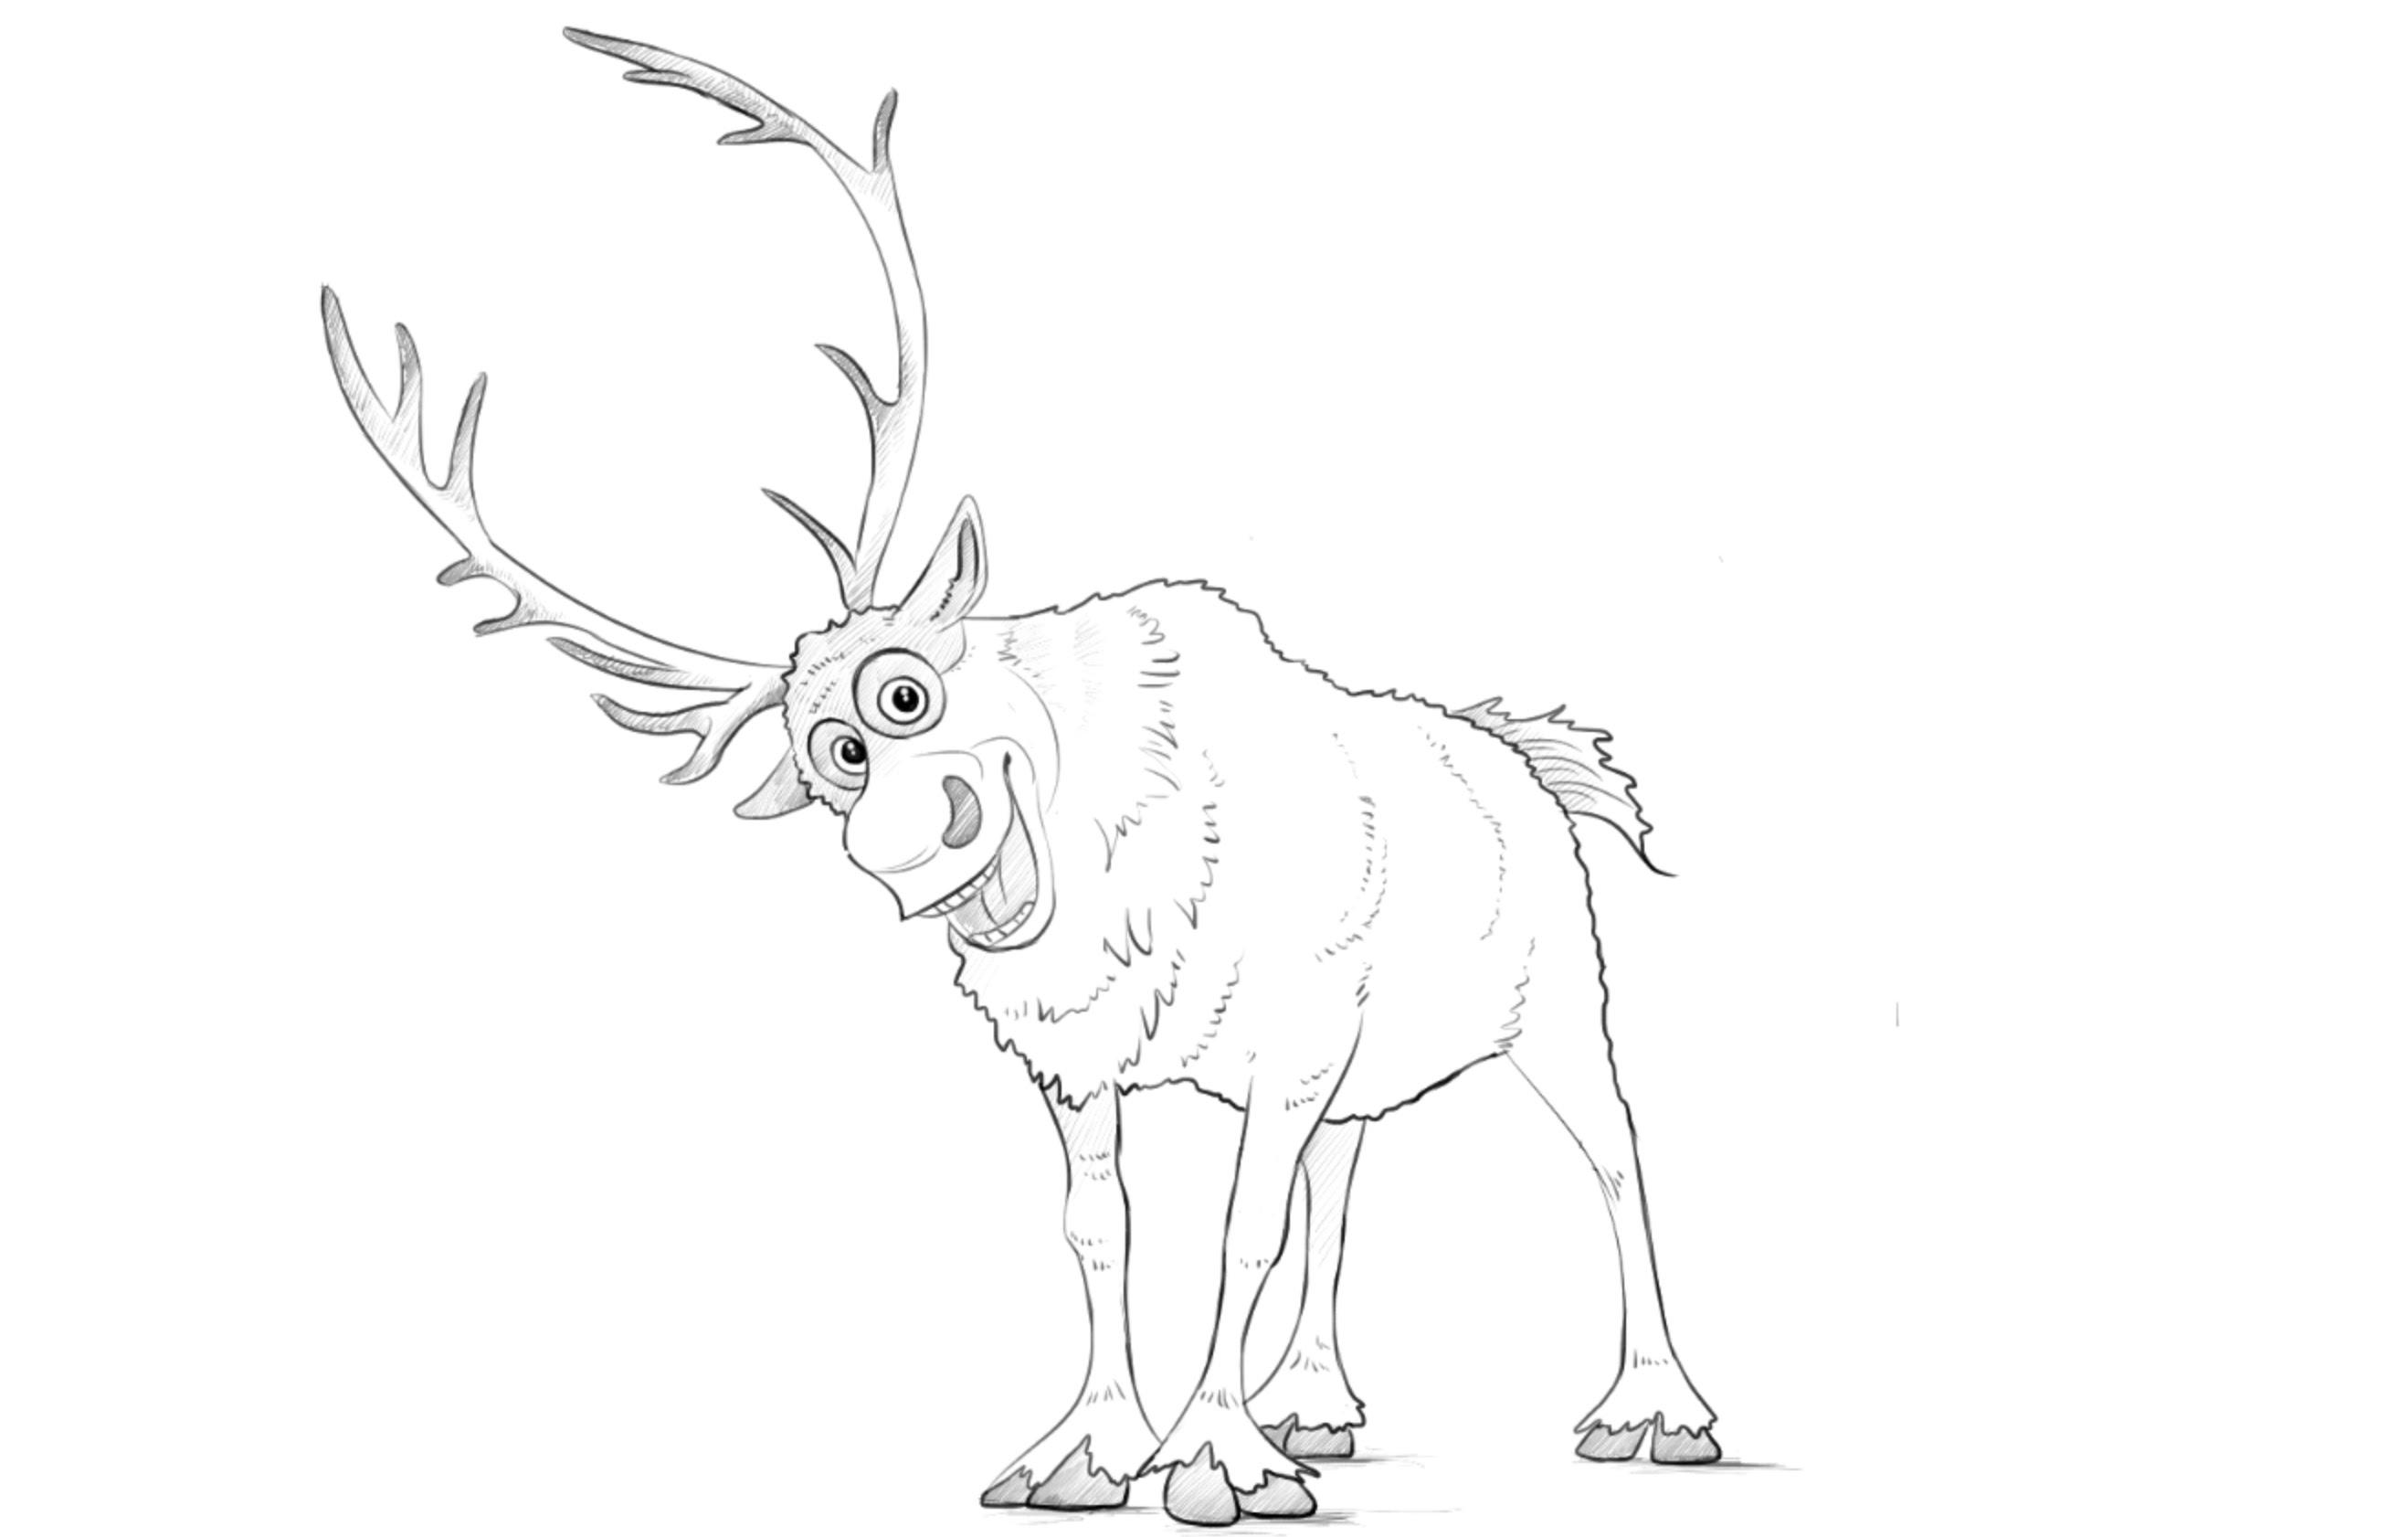 Drawn reindeer frozen drawing (deer) from Sven draw Frozen